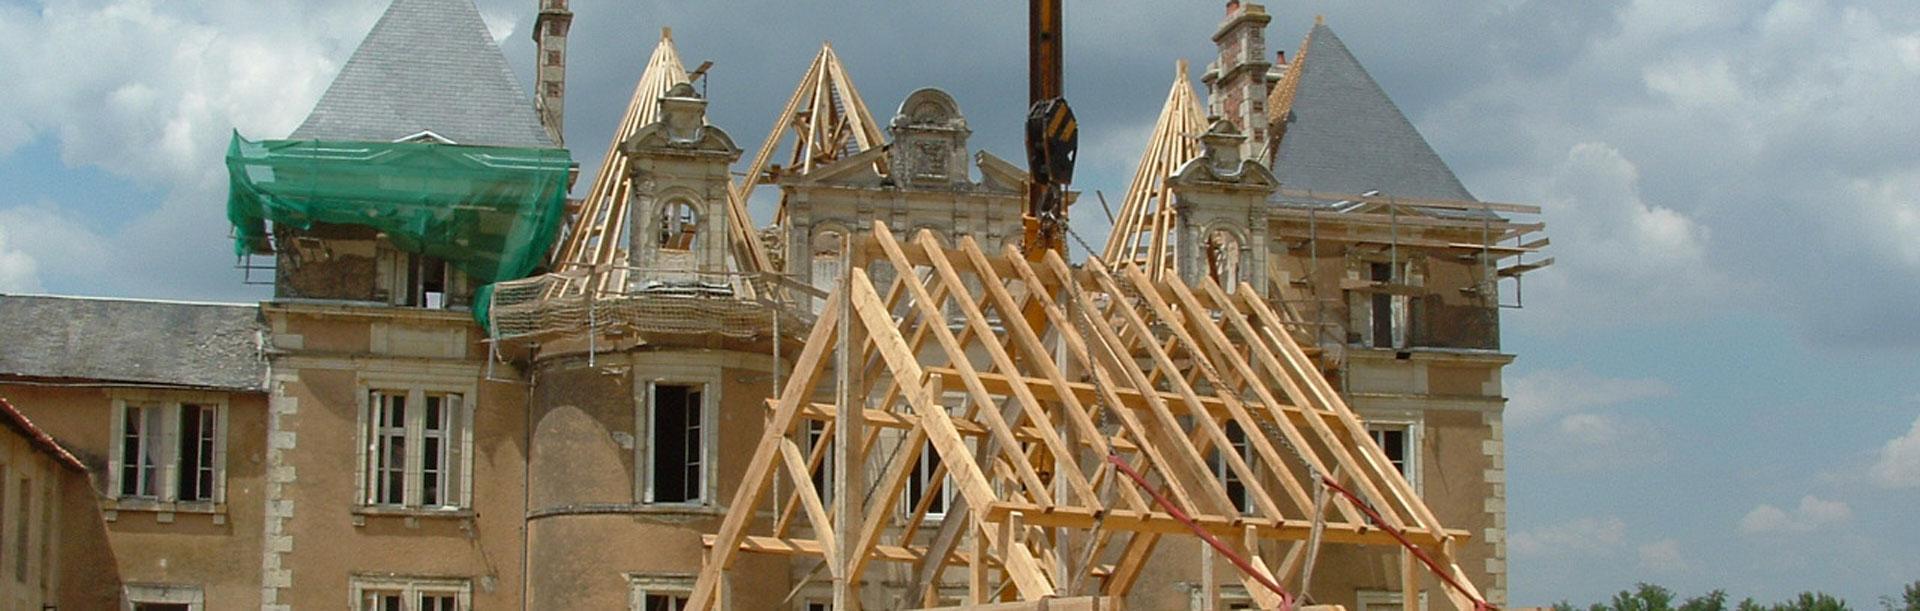 Couverture et charpente du chateau de la Reynière